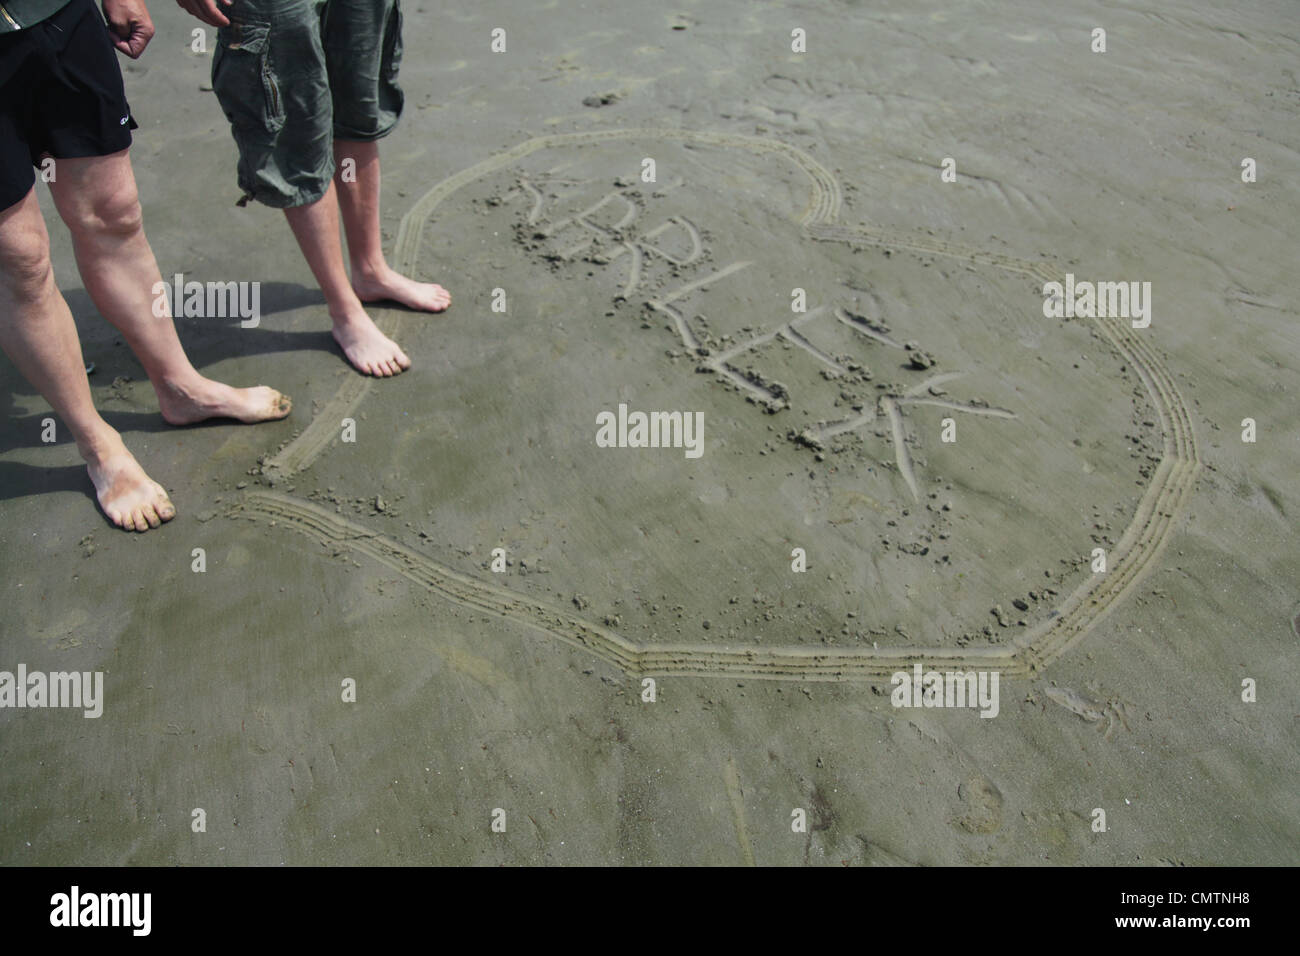 Angolo di alta vista di gambe umane e il cuore sulla spiaggia Immagini Stock